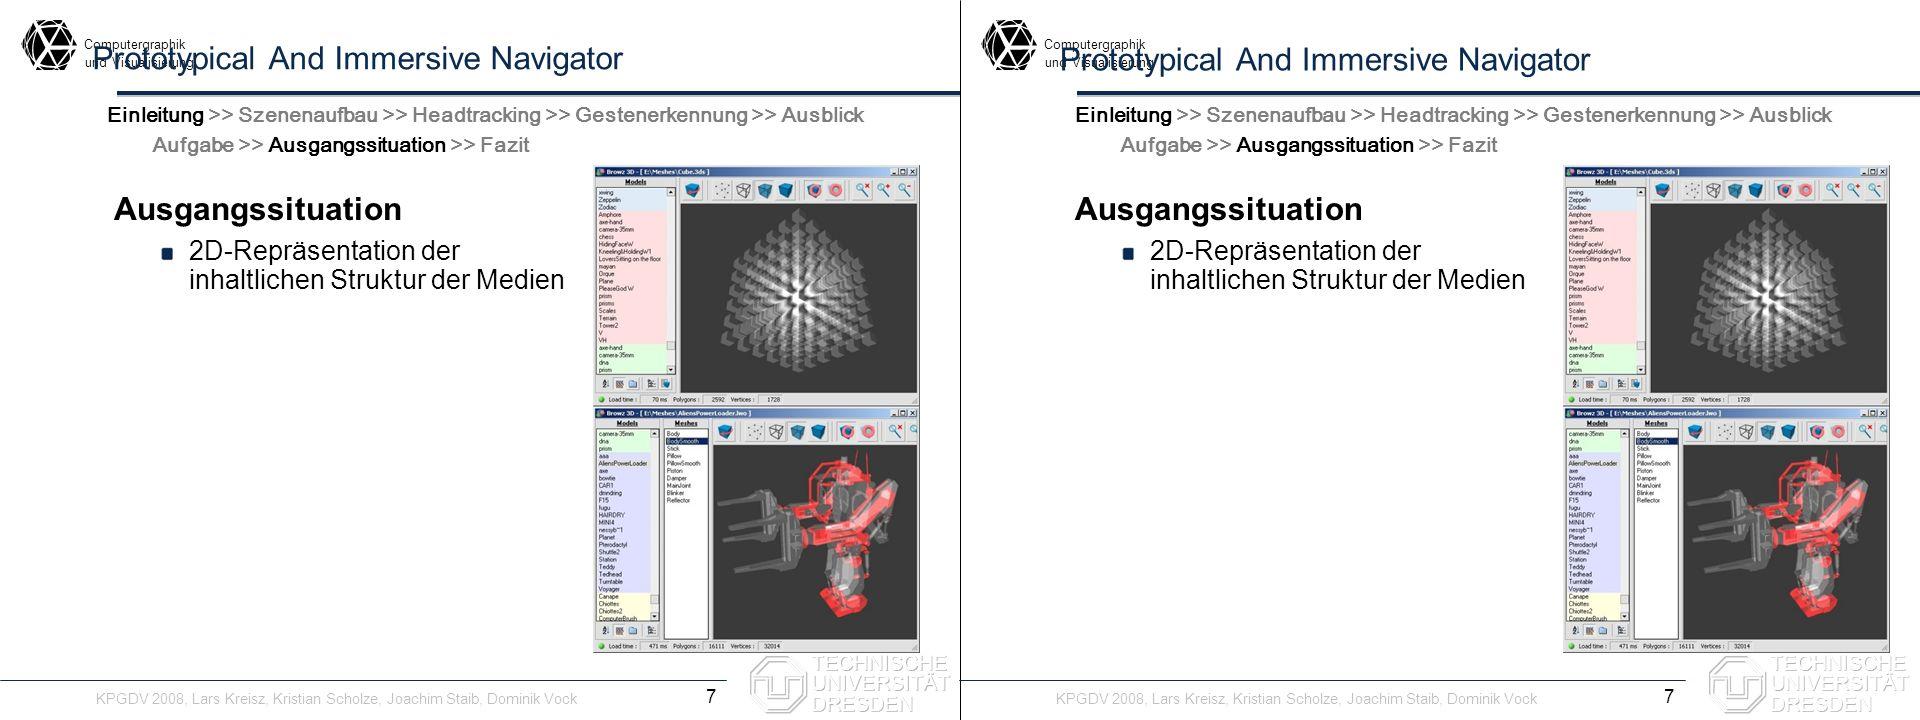 Computergraphik undVisualisierung Computergraphik undVisualisierung Prototypical And Immersive Navigator Ausgangssituation 2D-Repräsentation der inhaltlichen Struktur der Medien Ungeeignet Browz3D 8 Einleitung >> Szenenaufbau >> Headtracking >> Gestenerkennung >> Ausblick Aufgabe >> Ausgangssituation >> Fazit Ausgangssituation 2D-Repräsentation der inhaltlichen Struktur der Medien Ungeeignet Browz3D Einleitung >> Szenenaufbau >> Headtracking >> Gestenerkennung >> Ausblick Aufgabe >> Ausgangssituation >> Fazit KPGDV 2008, Lars Kreisz, Kristian Scholze, Joachim Staib, Dominik Vock